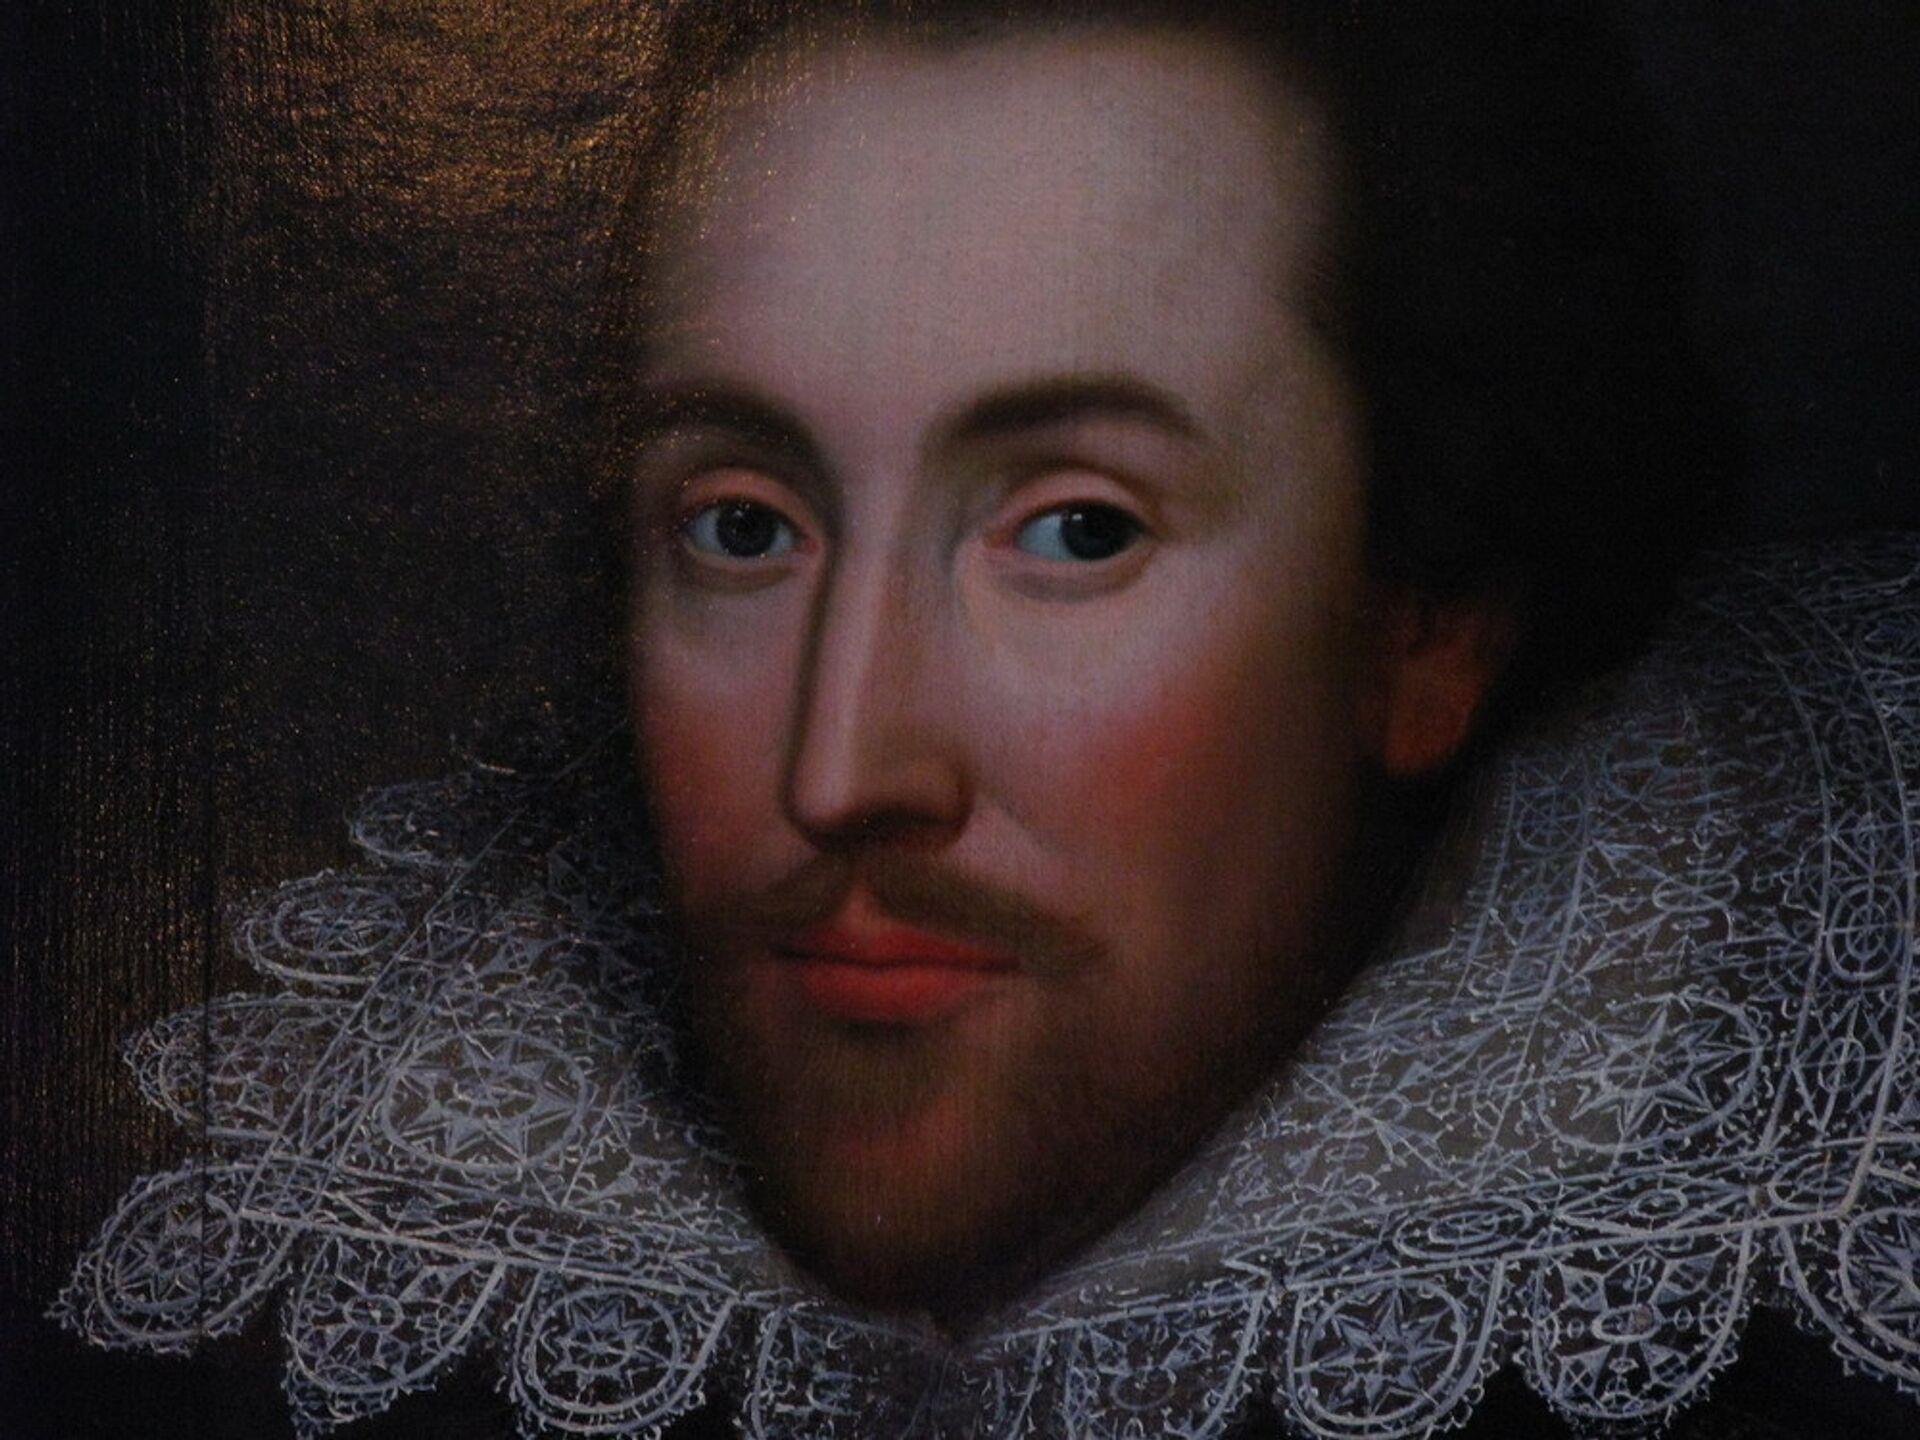 Единственный известный на сегодняшний день прижизненный портрет Шекспира - РИА Новости, 1920, 25.02.2021